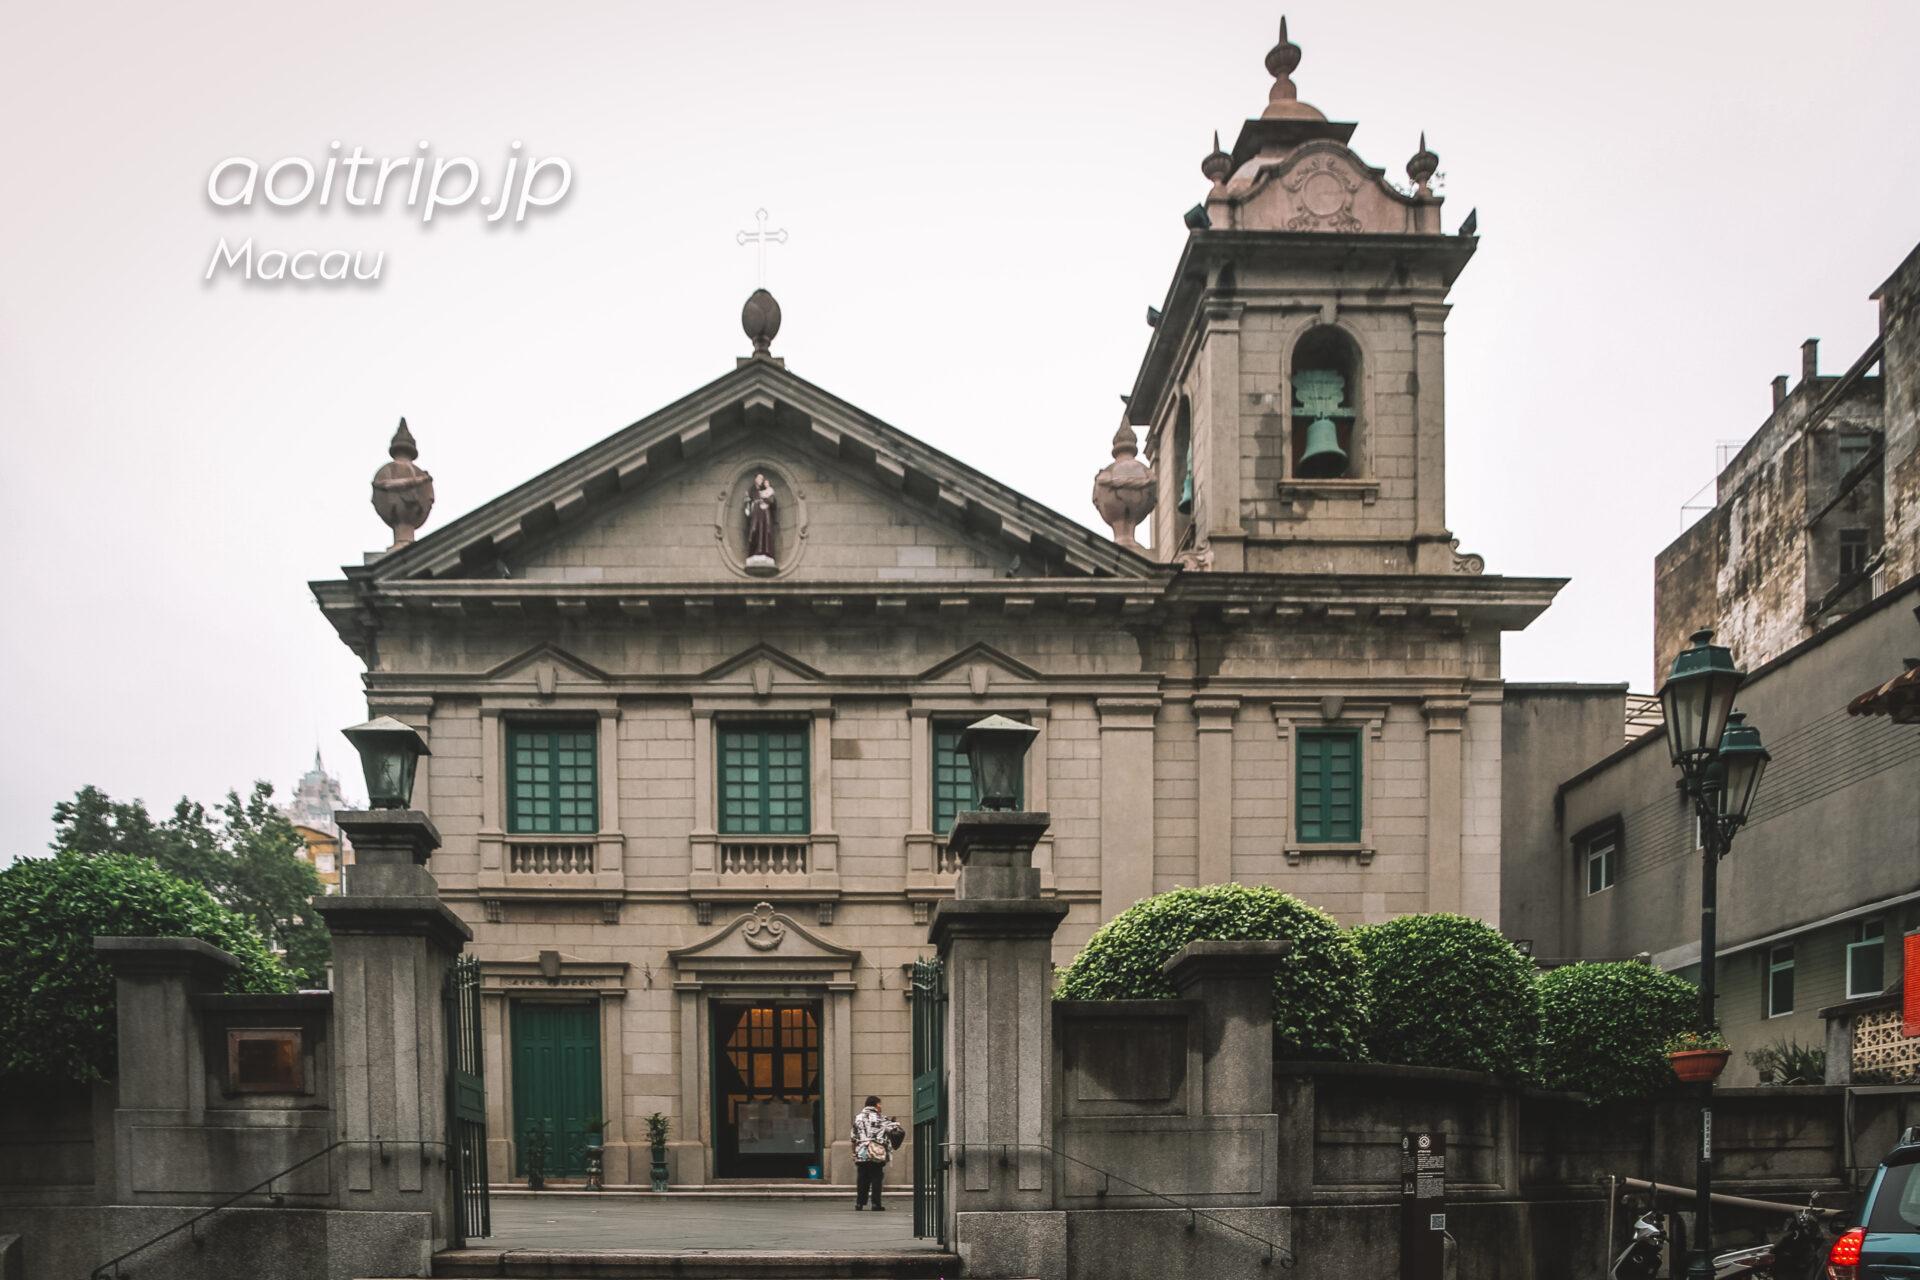 マカオ 聖アントニオ教会 St Anthony's Church